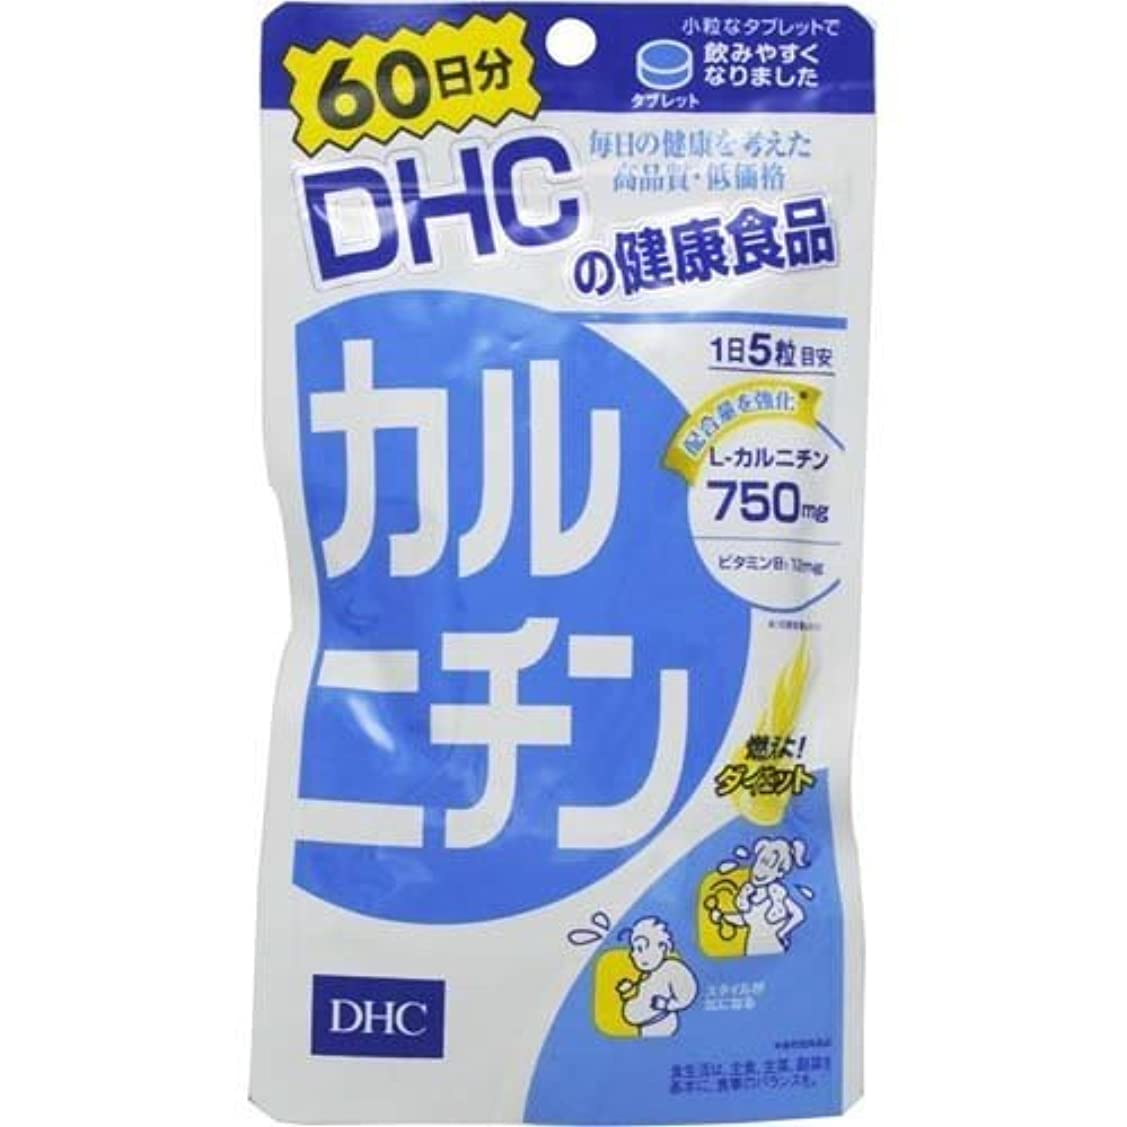 引き出し写真負DHCカルニチン60日300粒【3個セット】